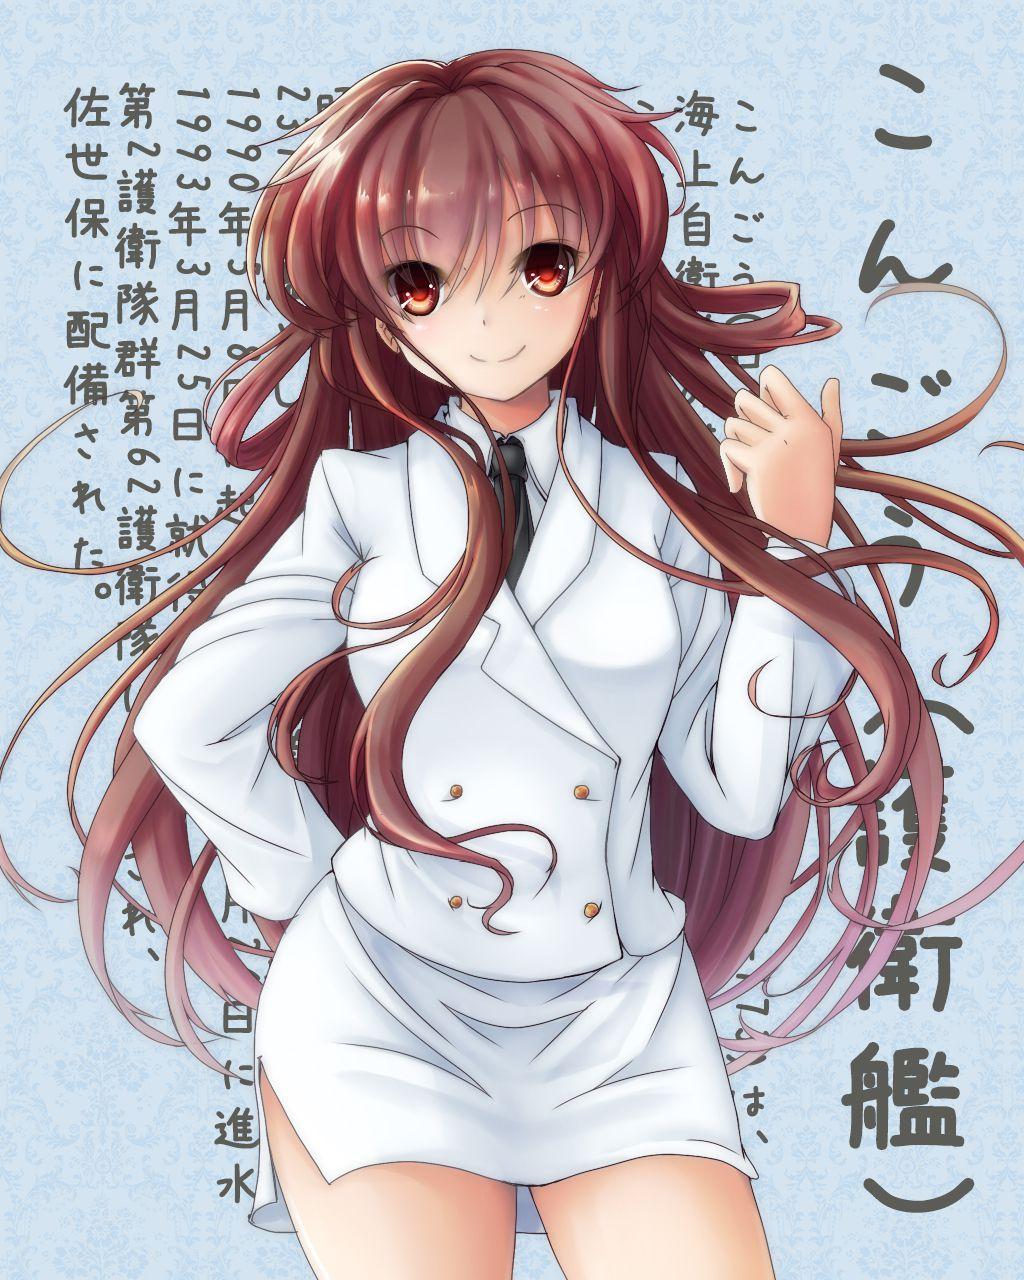 スカートスーツ 女一人 -コミック -アニメーション262